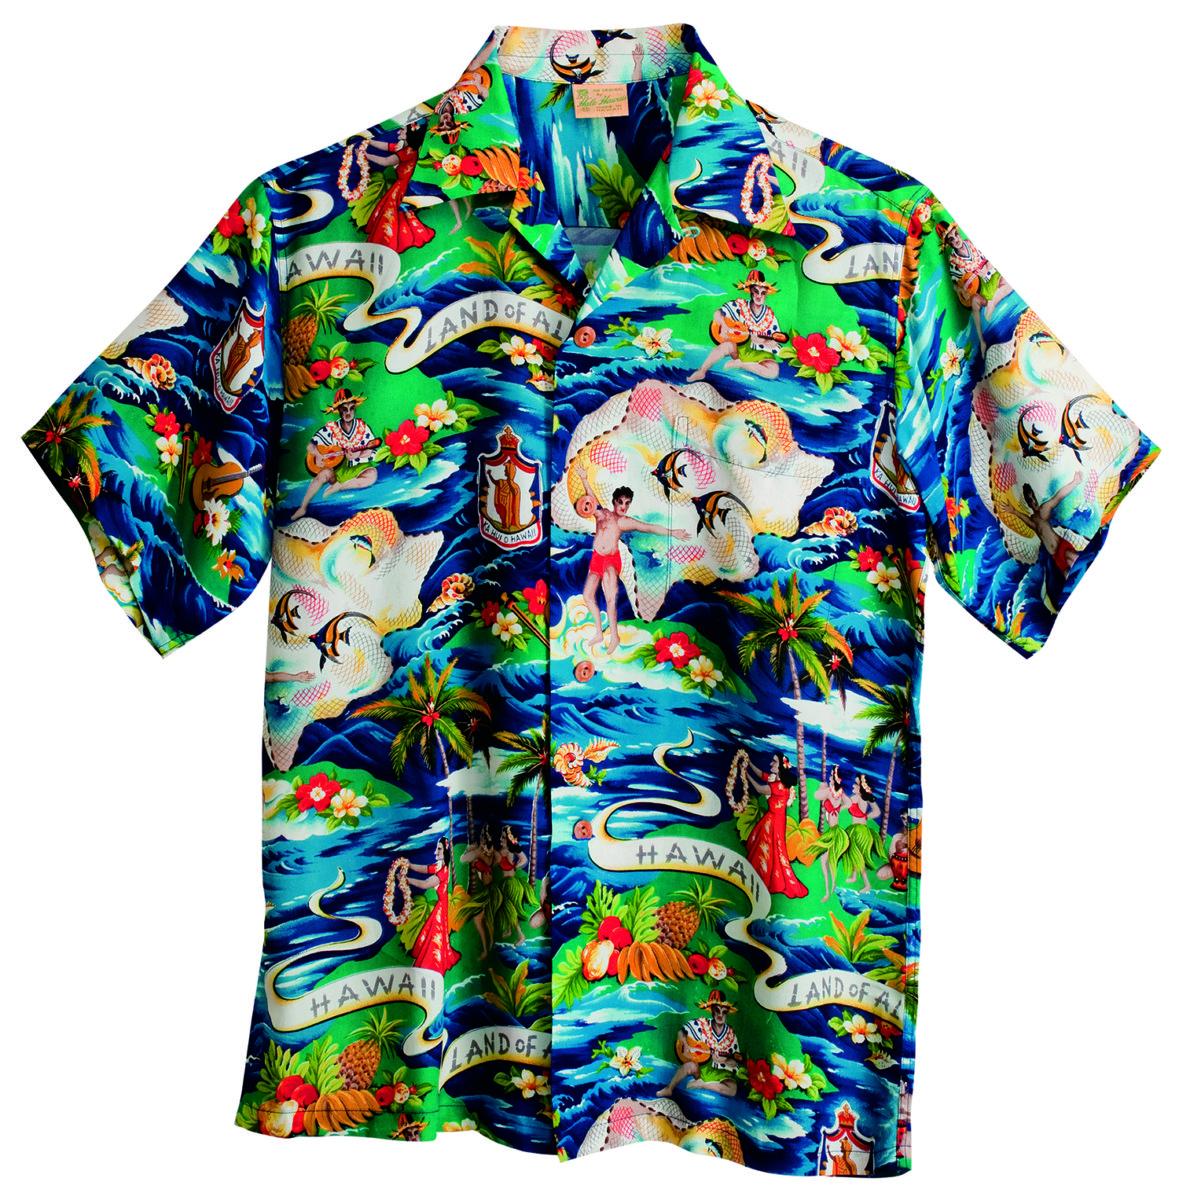 茅ヶ崎市×ホノルル市・郡 姉妹都市締結5周年記念「ヴィンテージアロハシャツの魅力」茅ヶ崎市美術館